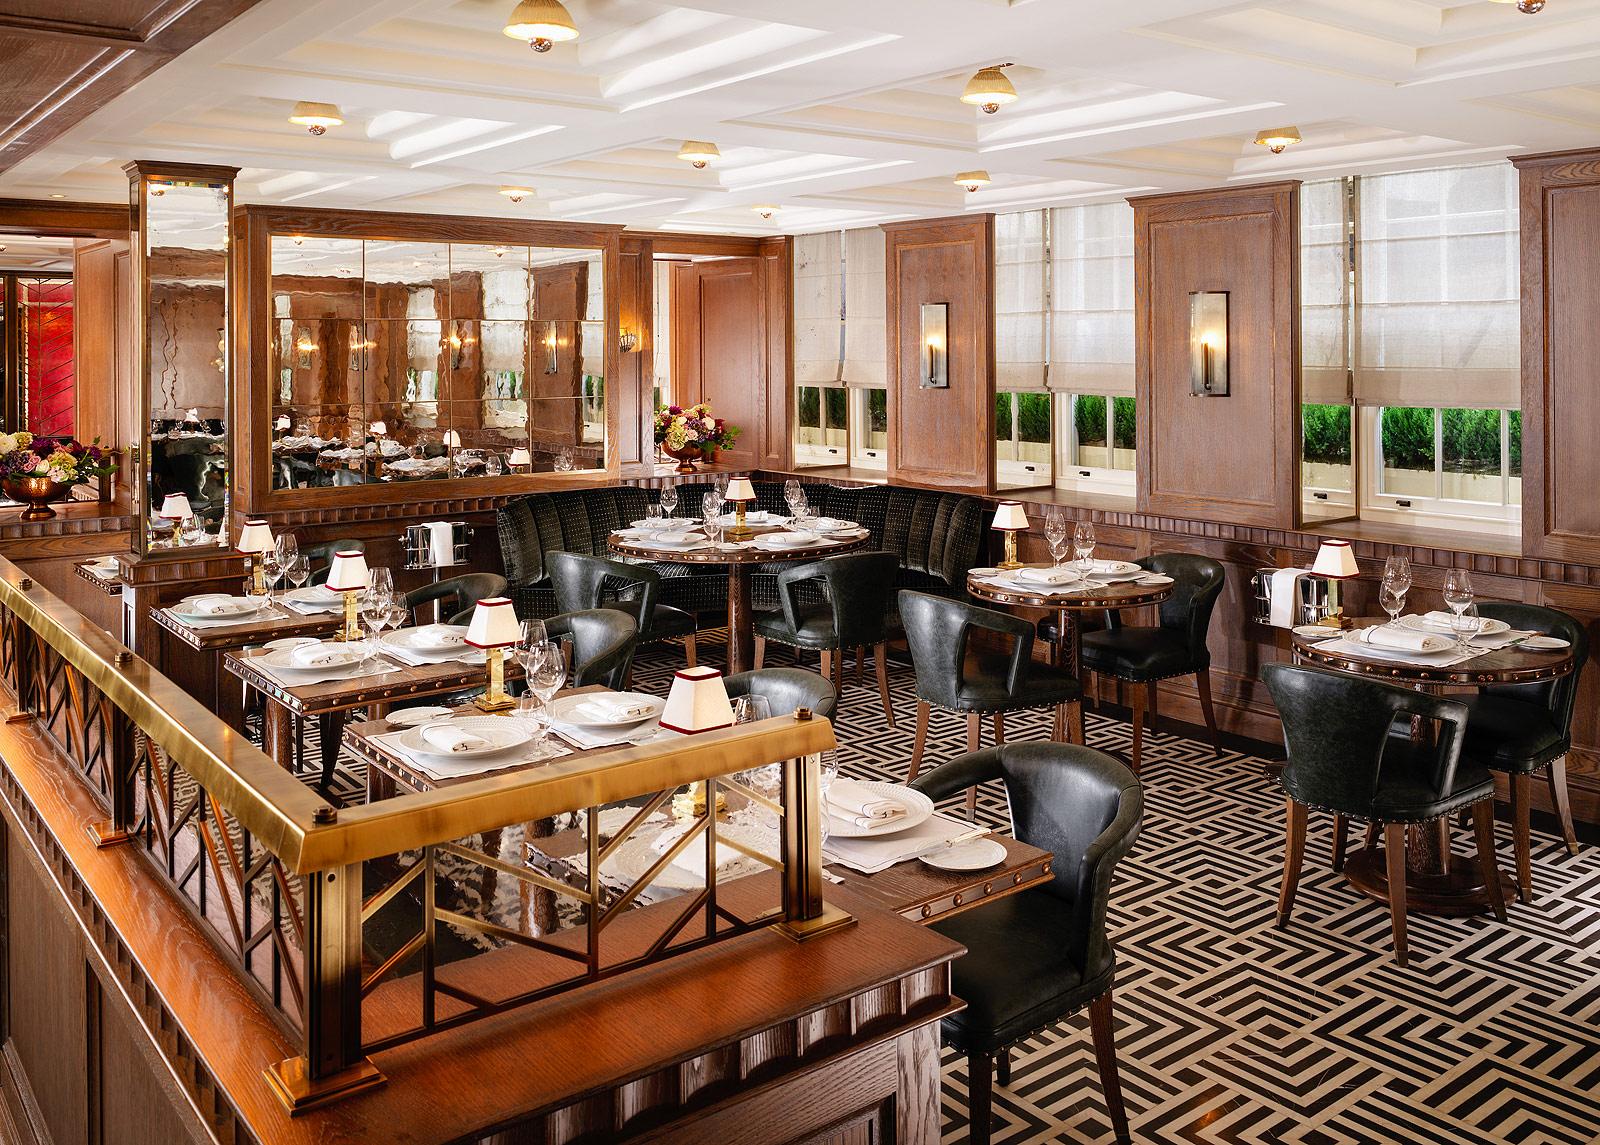 Flemings Hotel Mayfair Restaurant